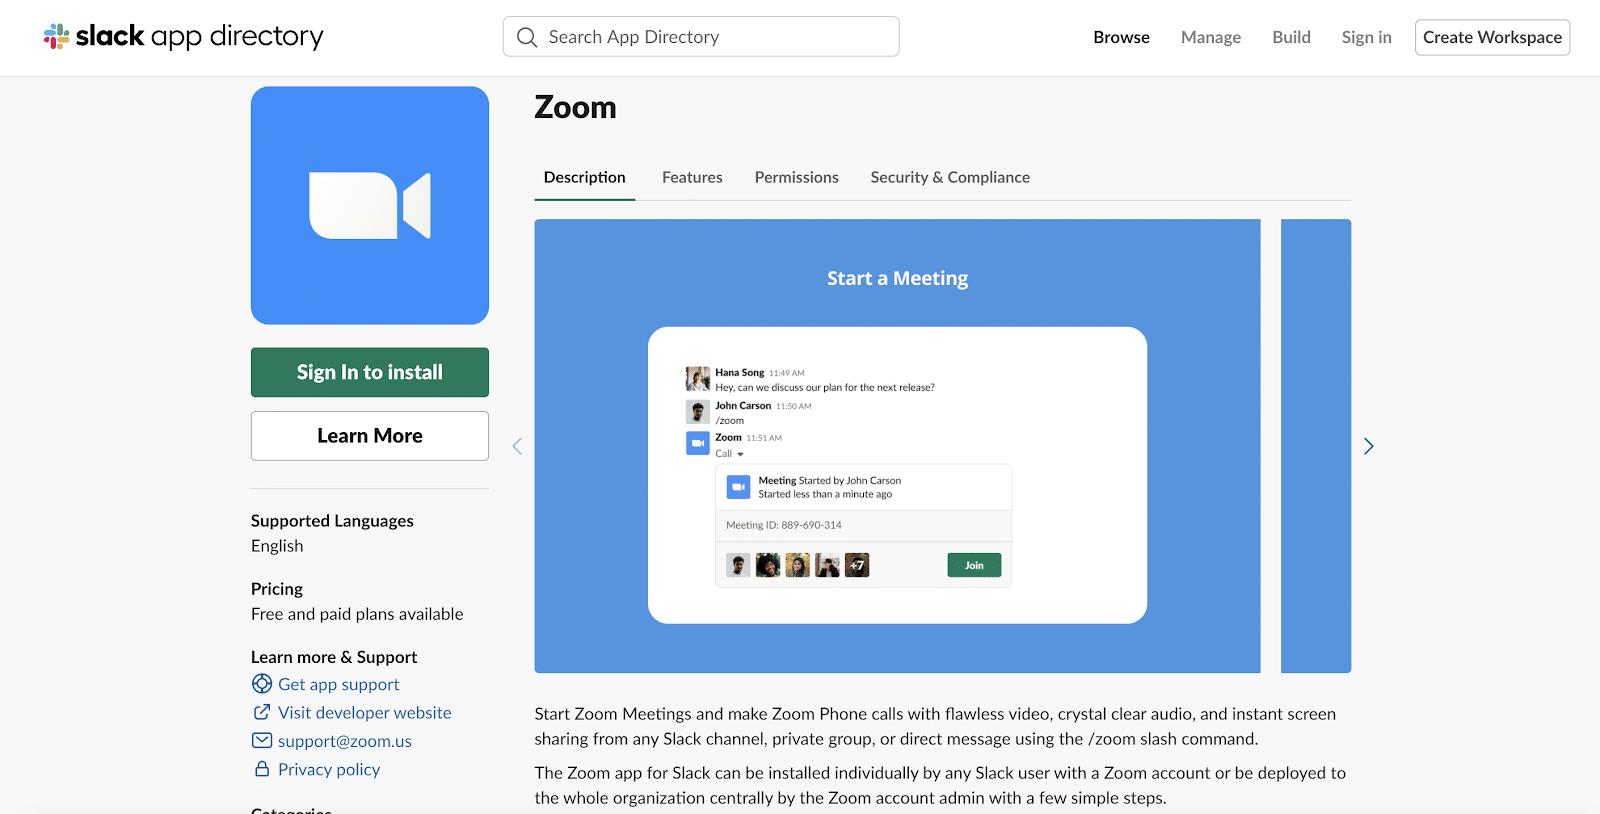 Zoom app for Slack